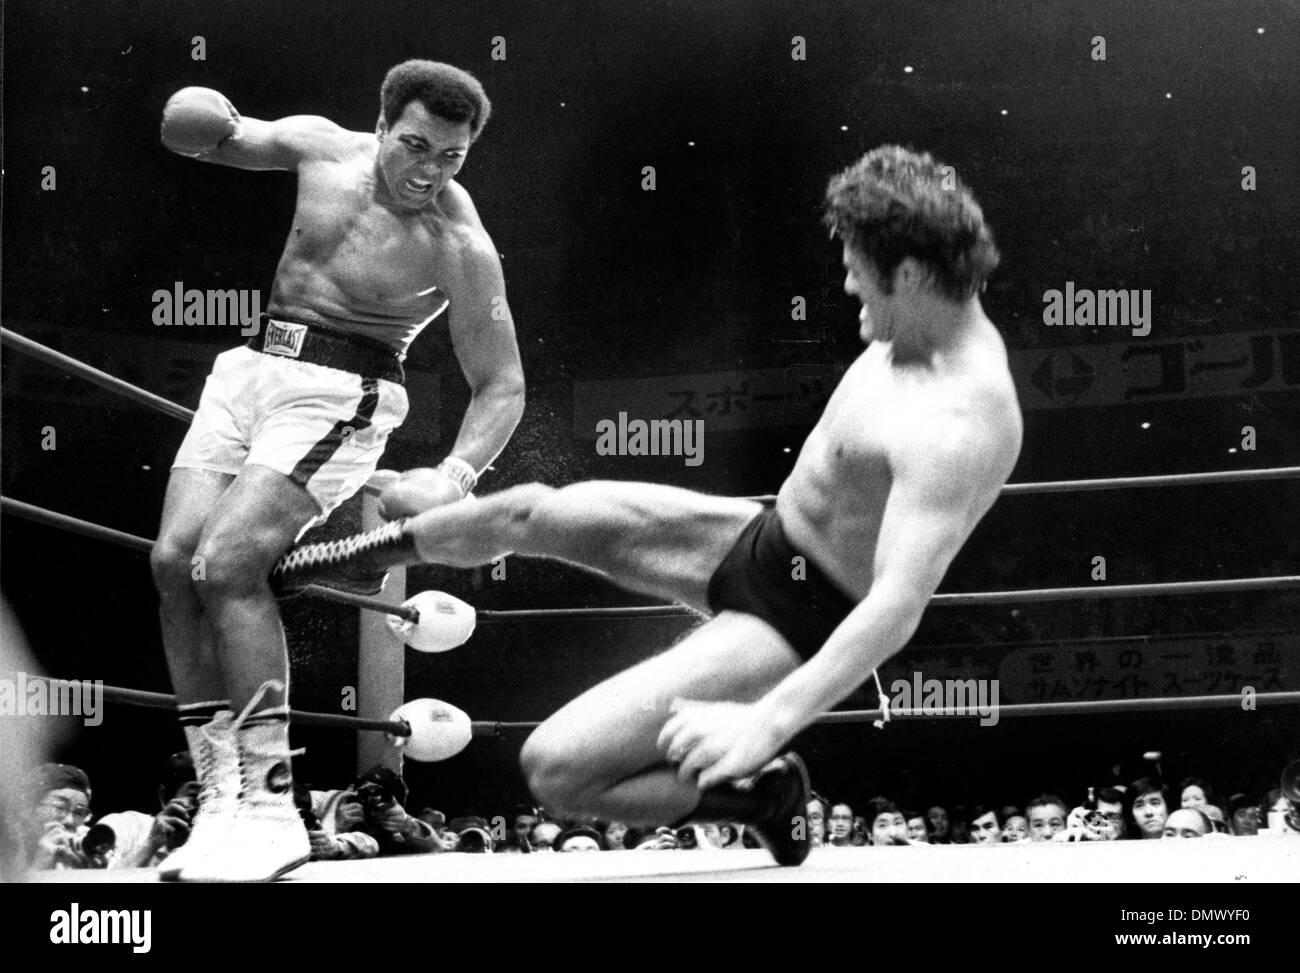 11. April 1956 - Tokyo, Japan - MUHAMMAD ALI oder CASSIUS CLAY, als die dominierende Schwergewichtsboxer der 1960er und 1970er Jahren, Muhammad Ali gewann eine olympische Goldmedaille, erfasst den professionellen World Heavyweight Championship bei drei verschiedenen Gelegenheiten, und verteidigte erfolgreich seinen Titel 19 Mal. Das Bild zeigt Ali während eines Kampfes in Tokio, Japan. (Kredit-Bild: © KEYSTONE Bilder USA / Stockbild